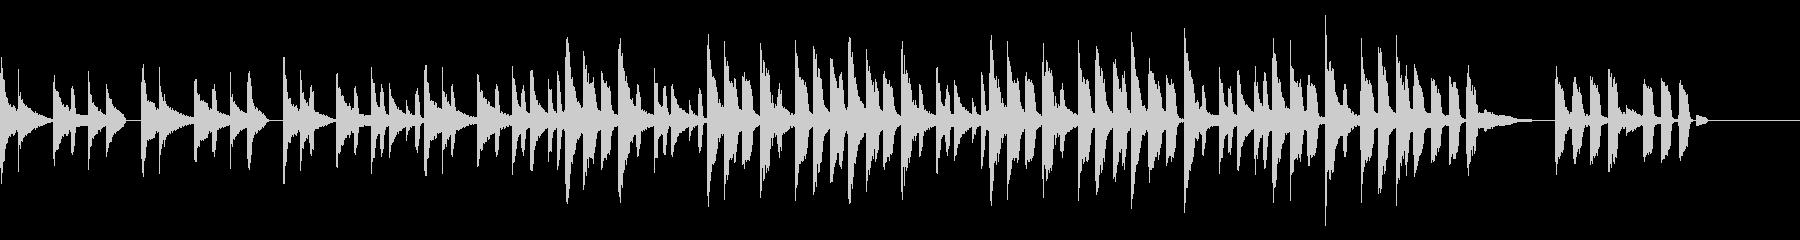 ほのぼのとしたコミカルな曲の未再生の波形